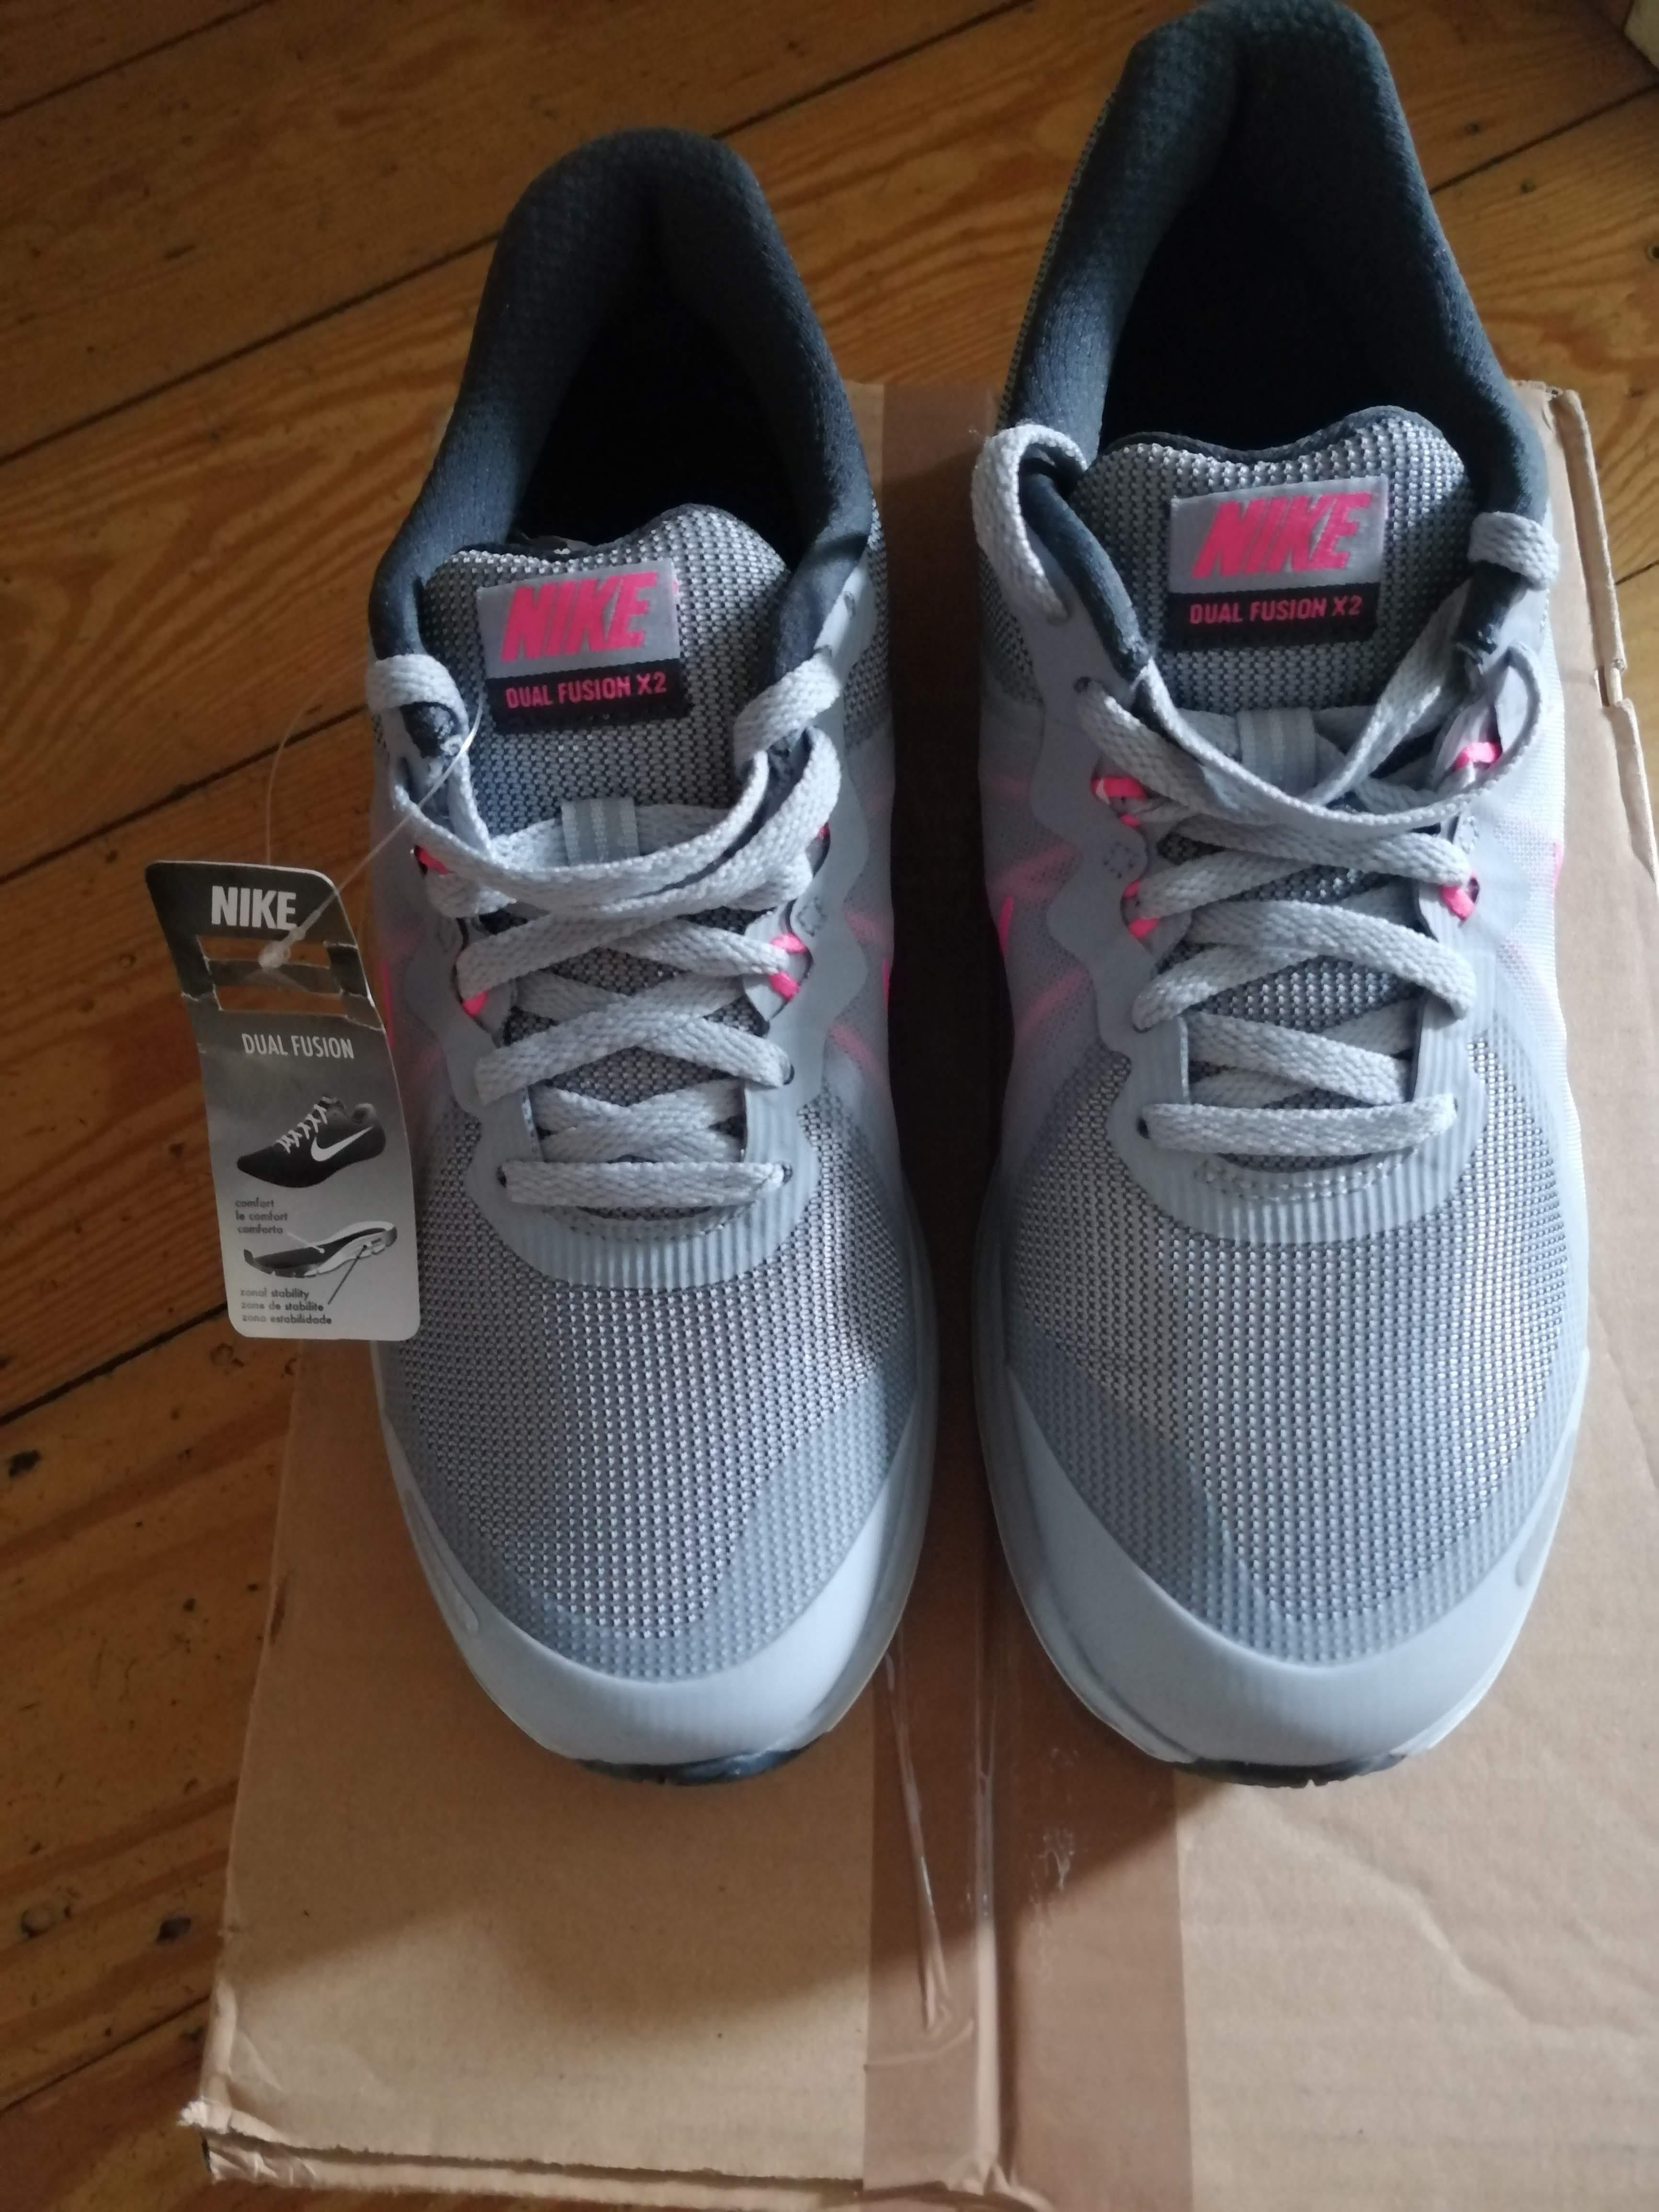 Neu: Nike Damen Laufschuhe, 37,5 (rechts), 40 (links)